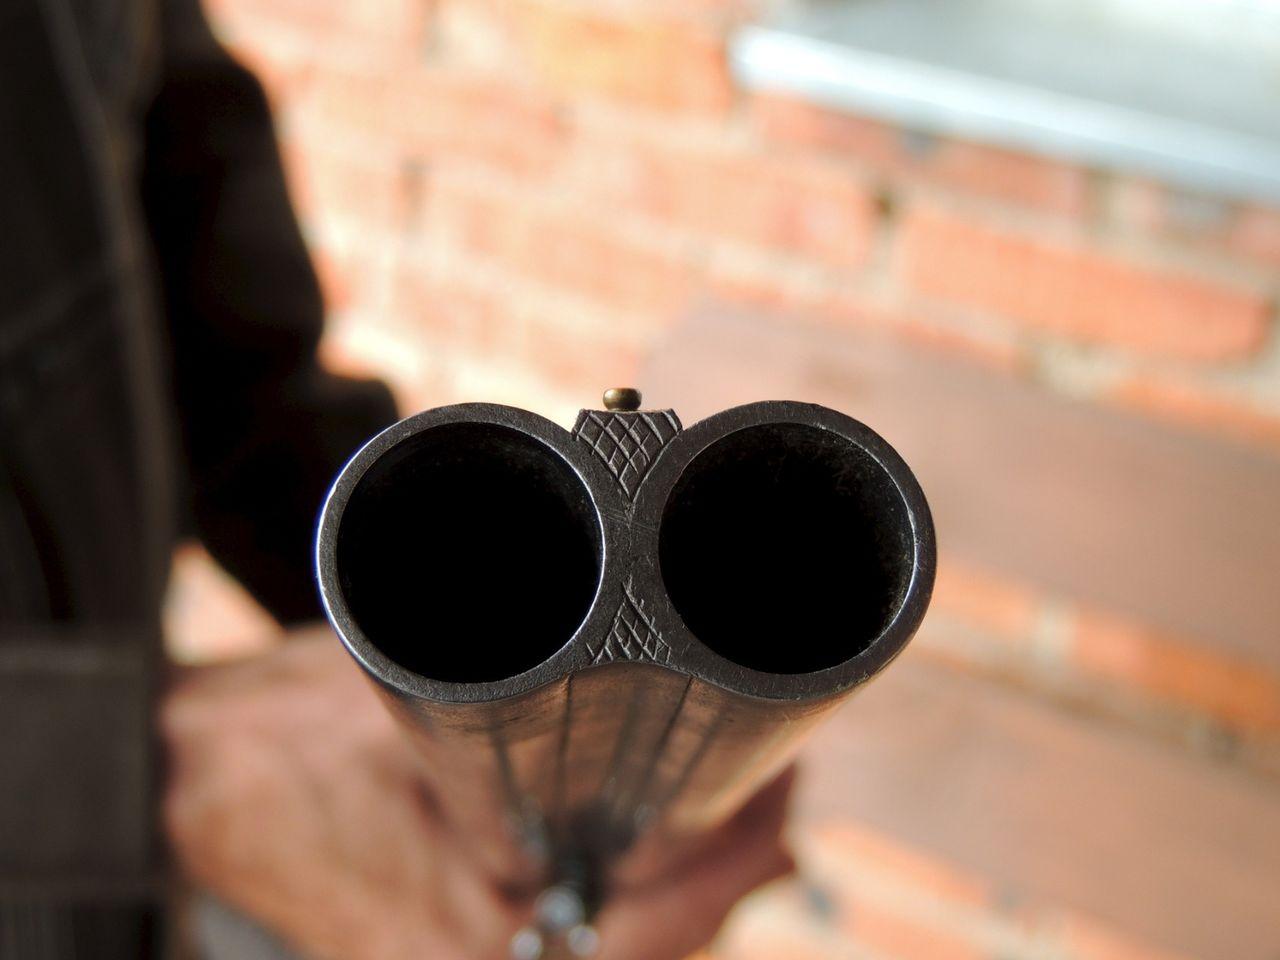 были наслышаны фото ружья двустволки вид стволов спереди дула того чтобы поместить